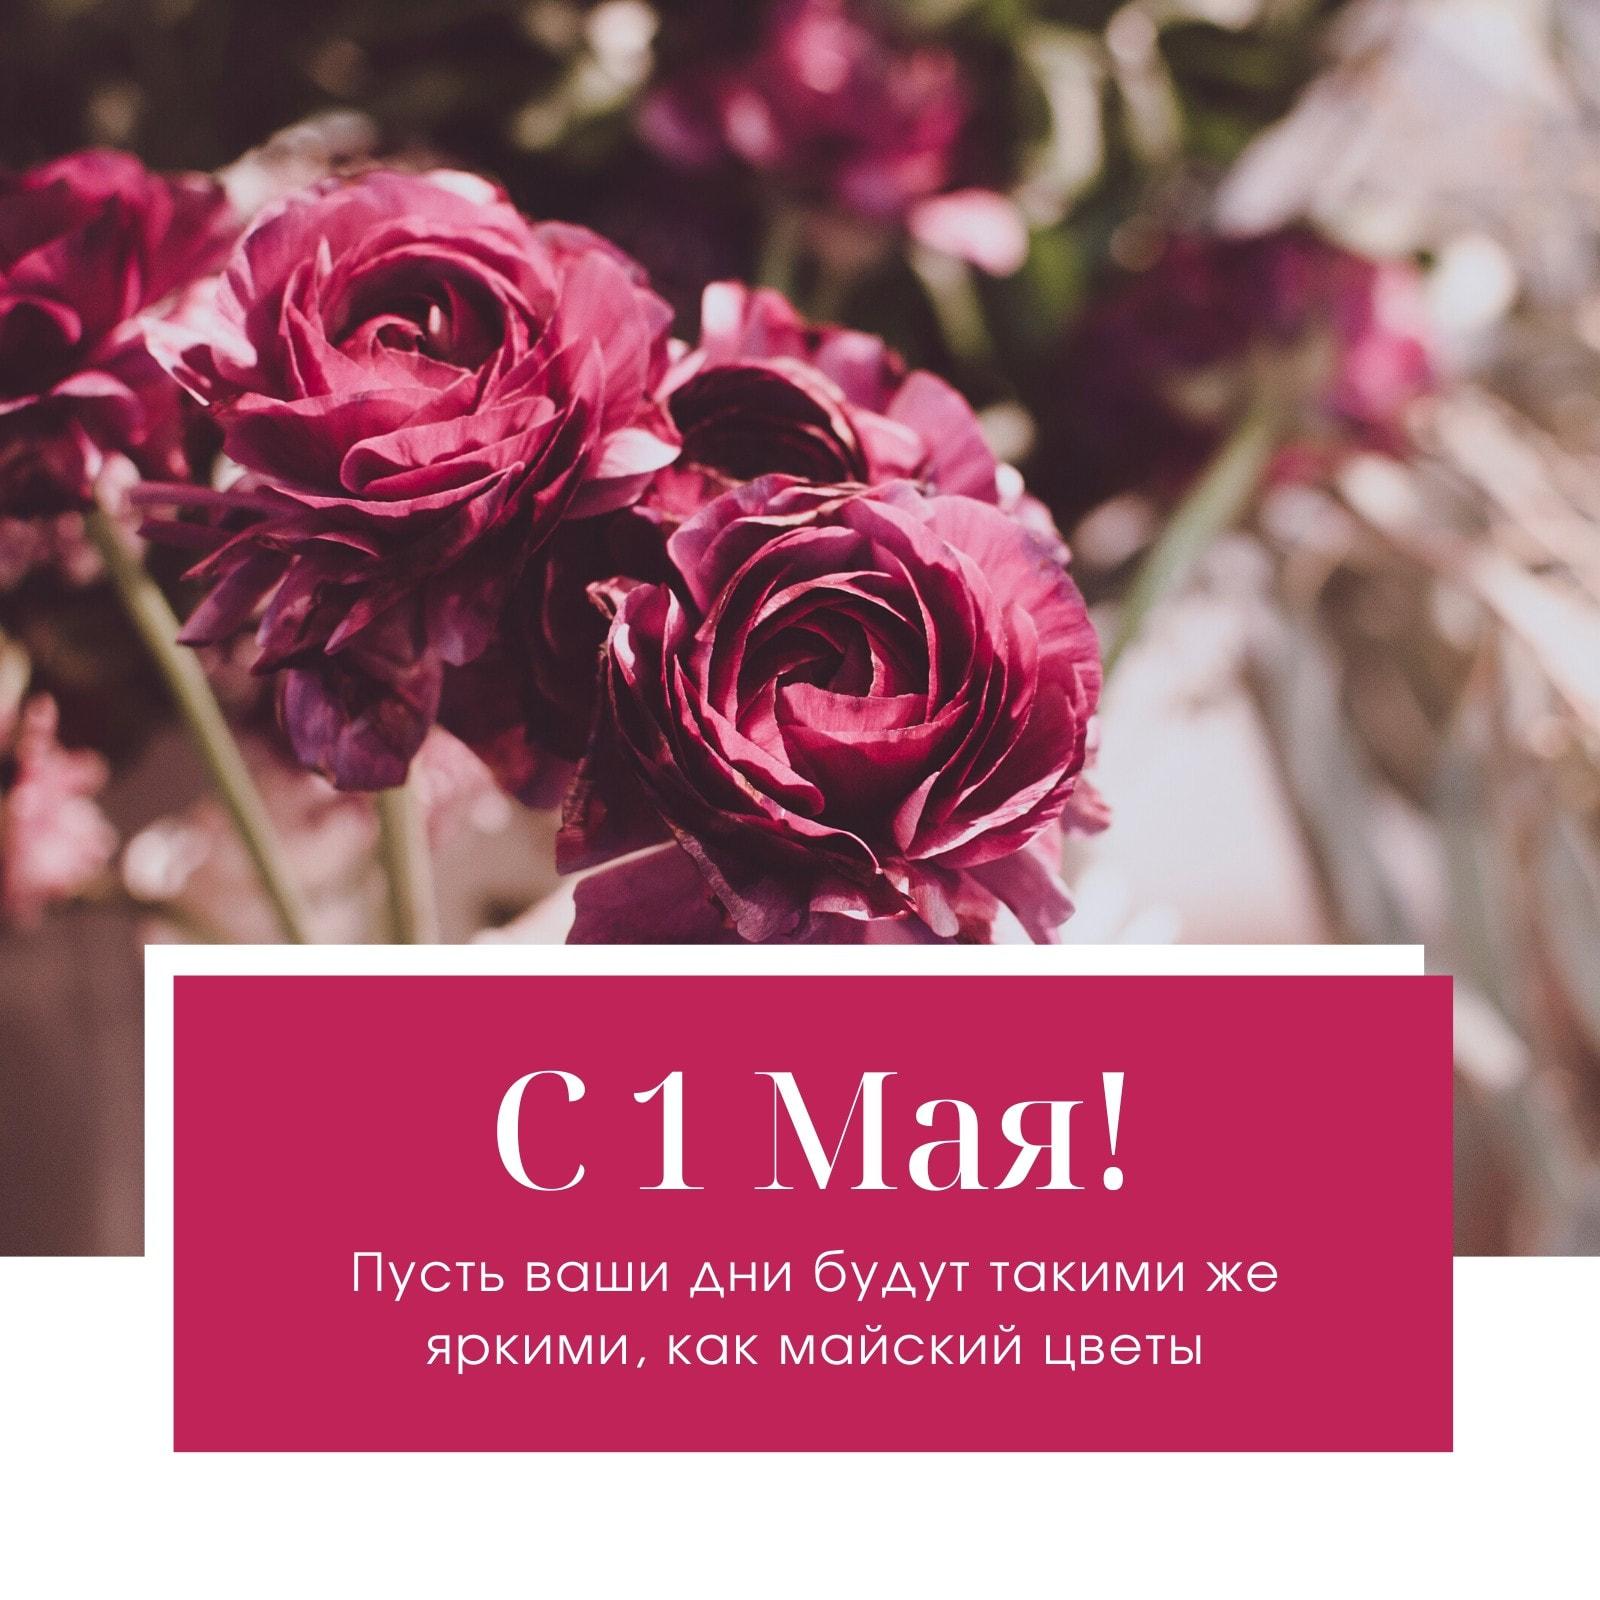 Малиновая Фотография Цветы 1 Мая Instagram Публикация